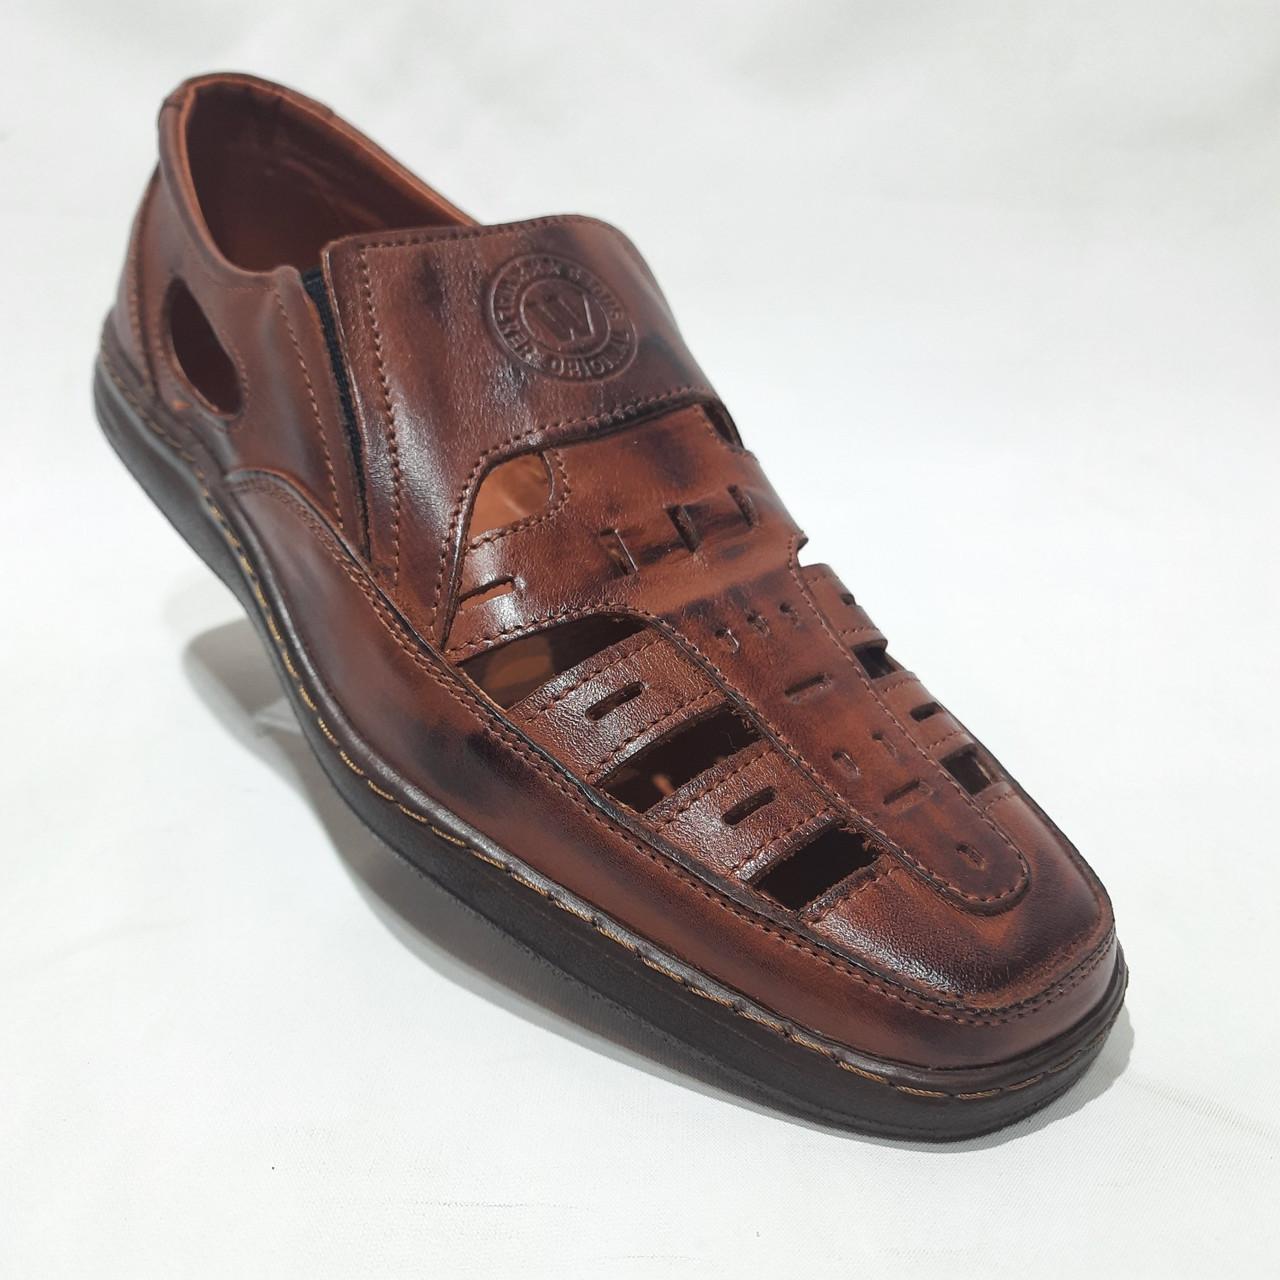 Чоловічі шкіряні туфлі літні, прошиті (Валкер) перфорація коричневі